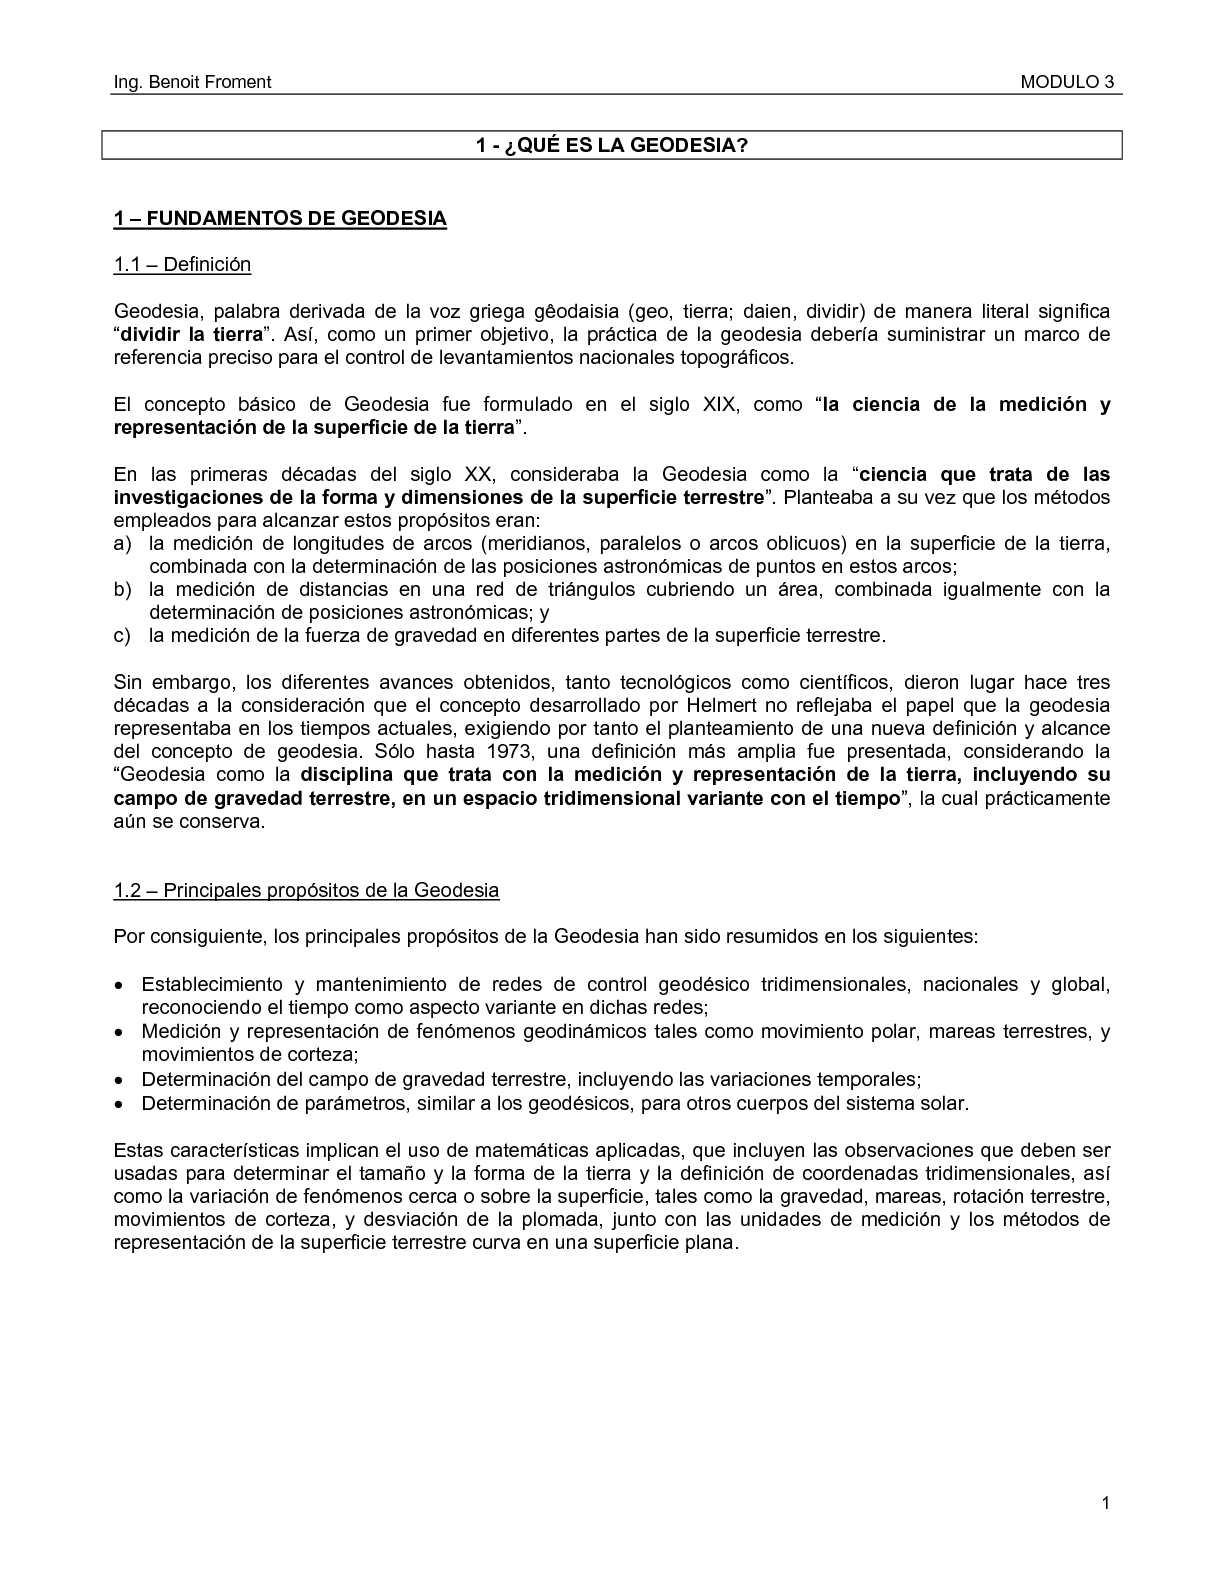 Calaméo - GEODESIA GENERALIDADES